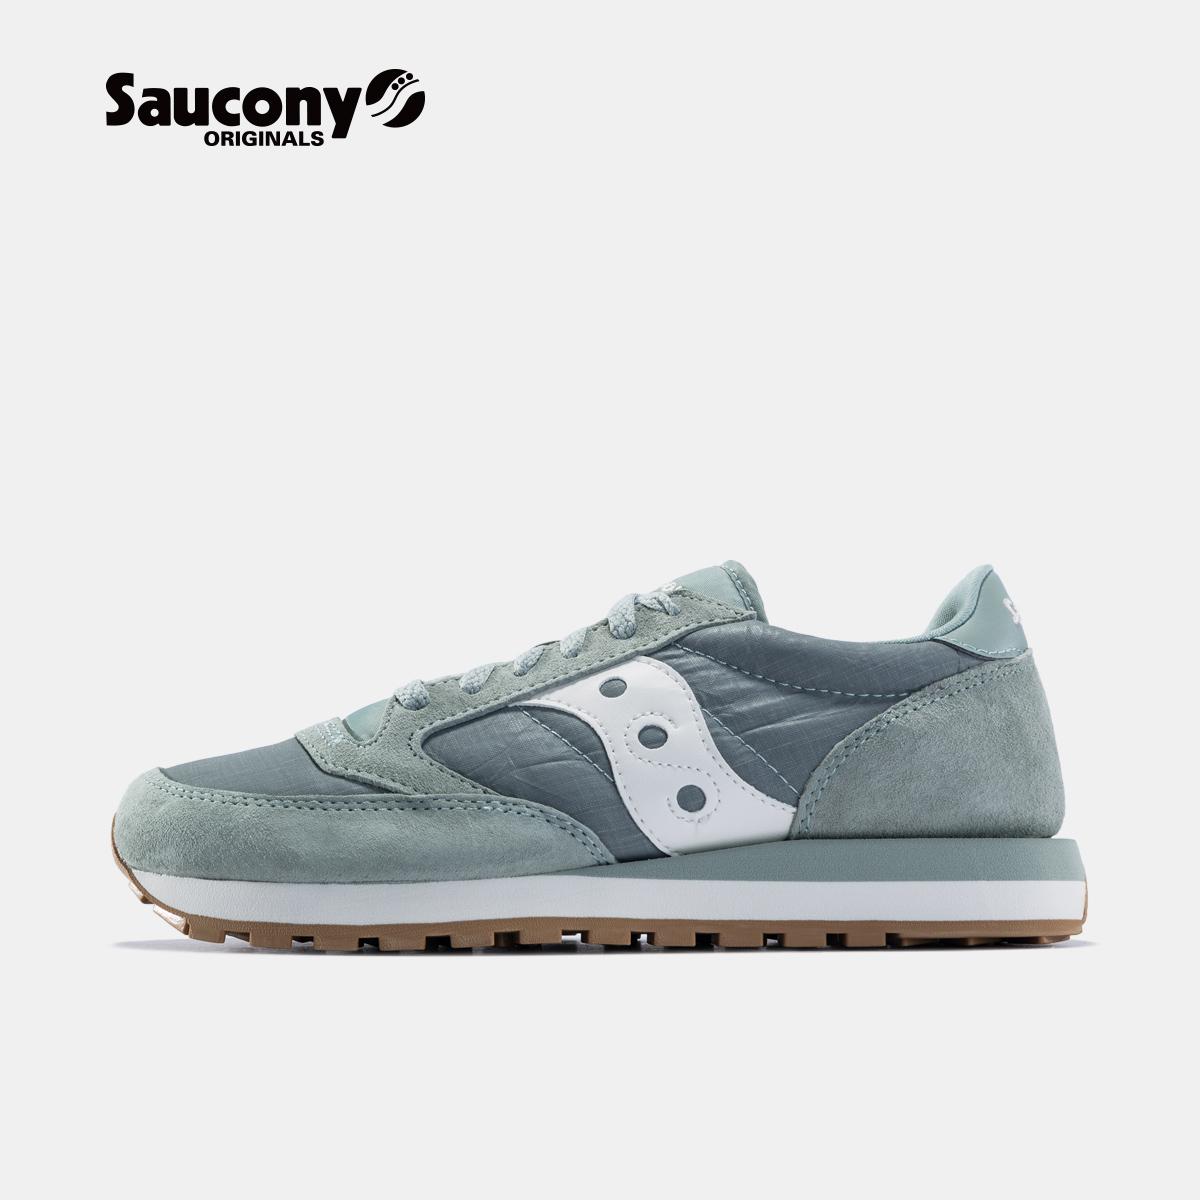 Saucony圣康尼 JAZZ ORIGINAL CL复古跑鞋运动鞋男子跑步鞋S70353